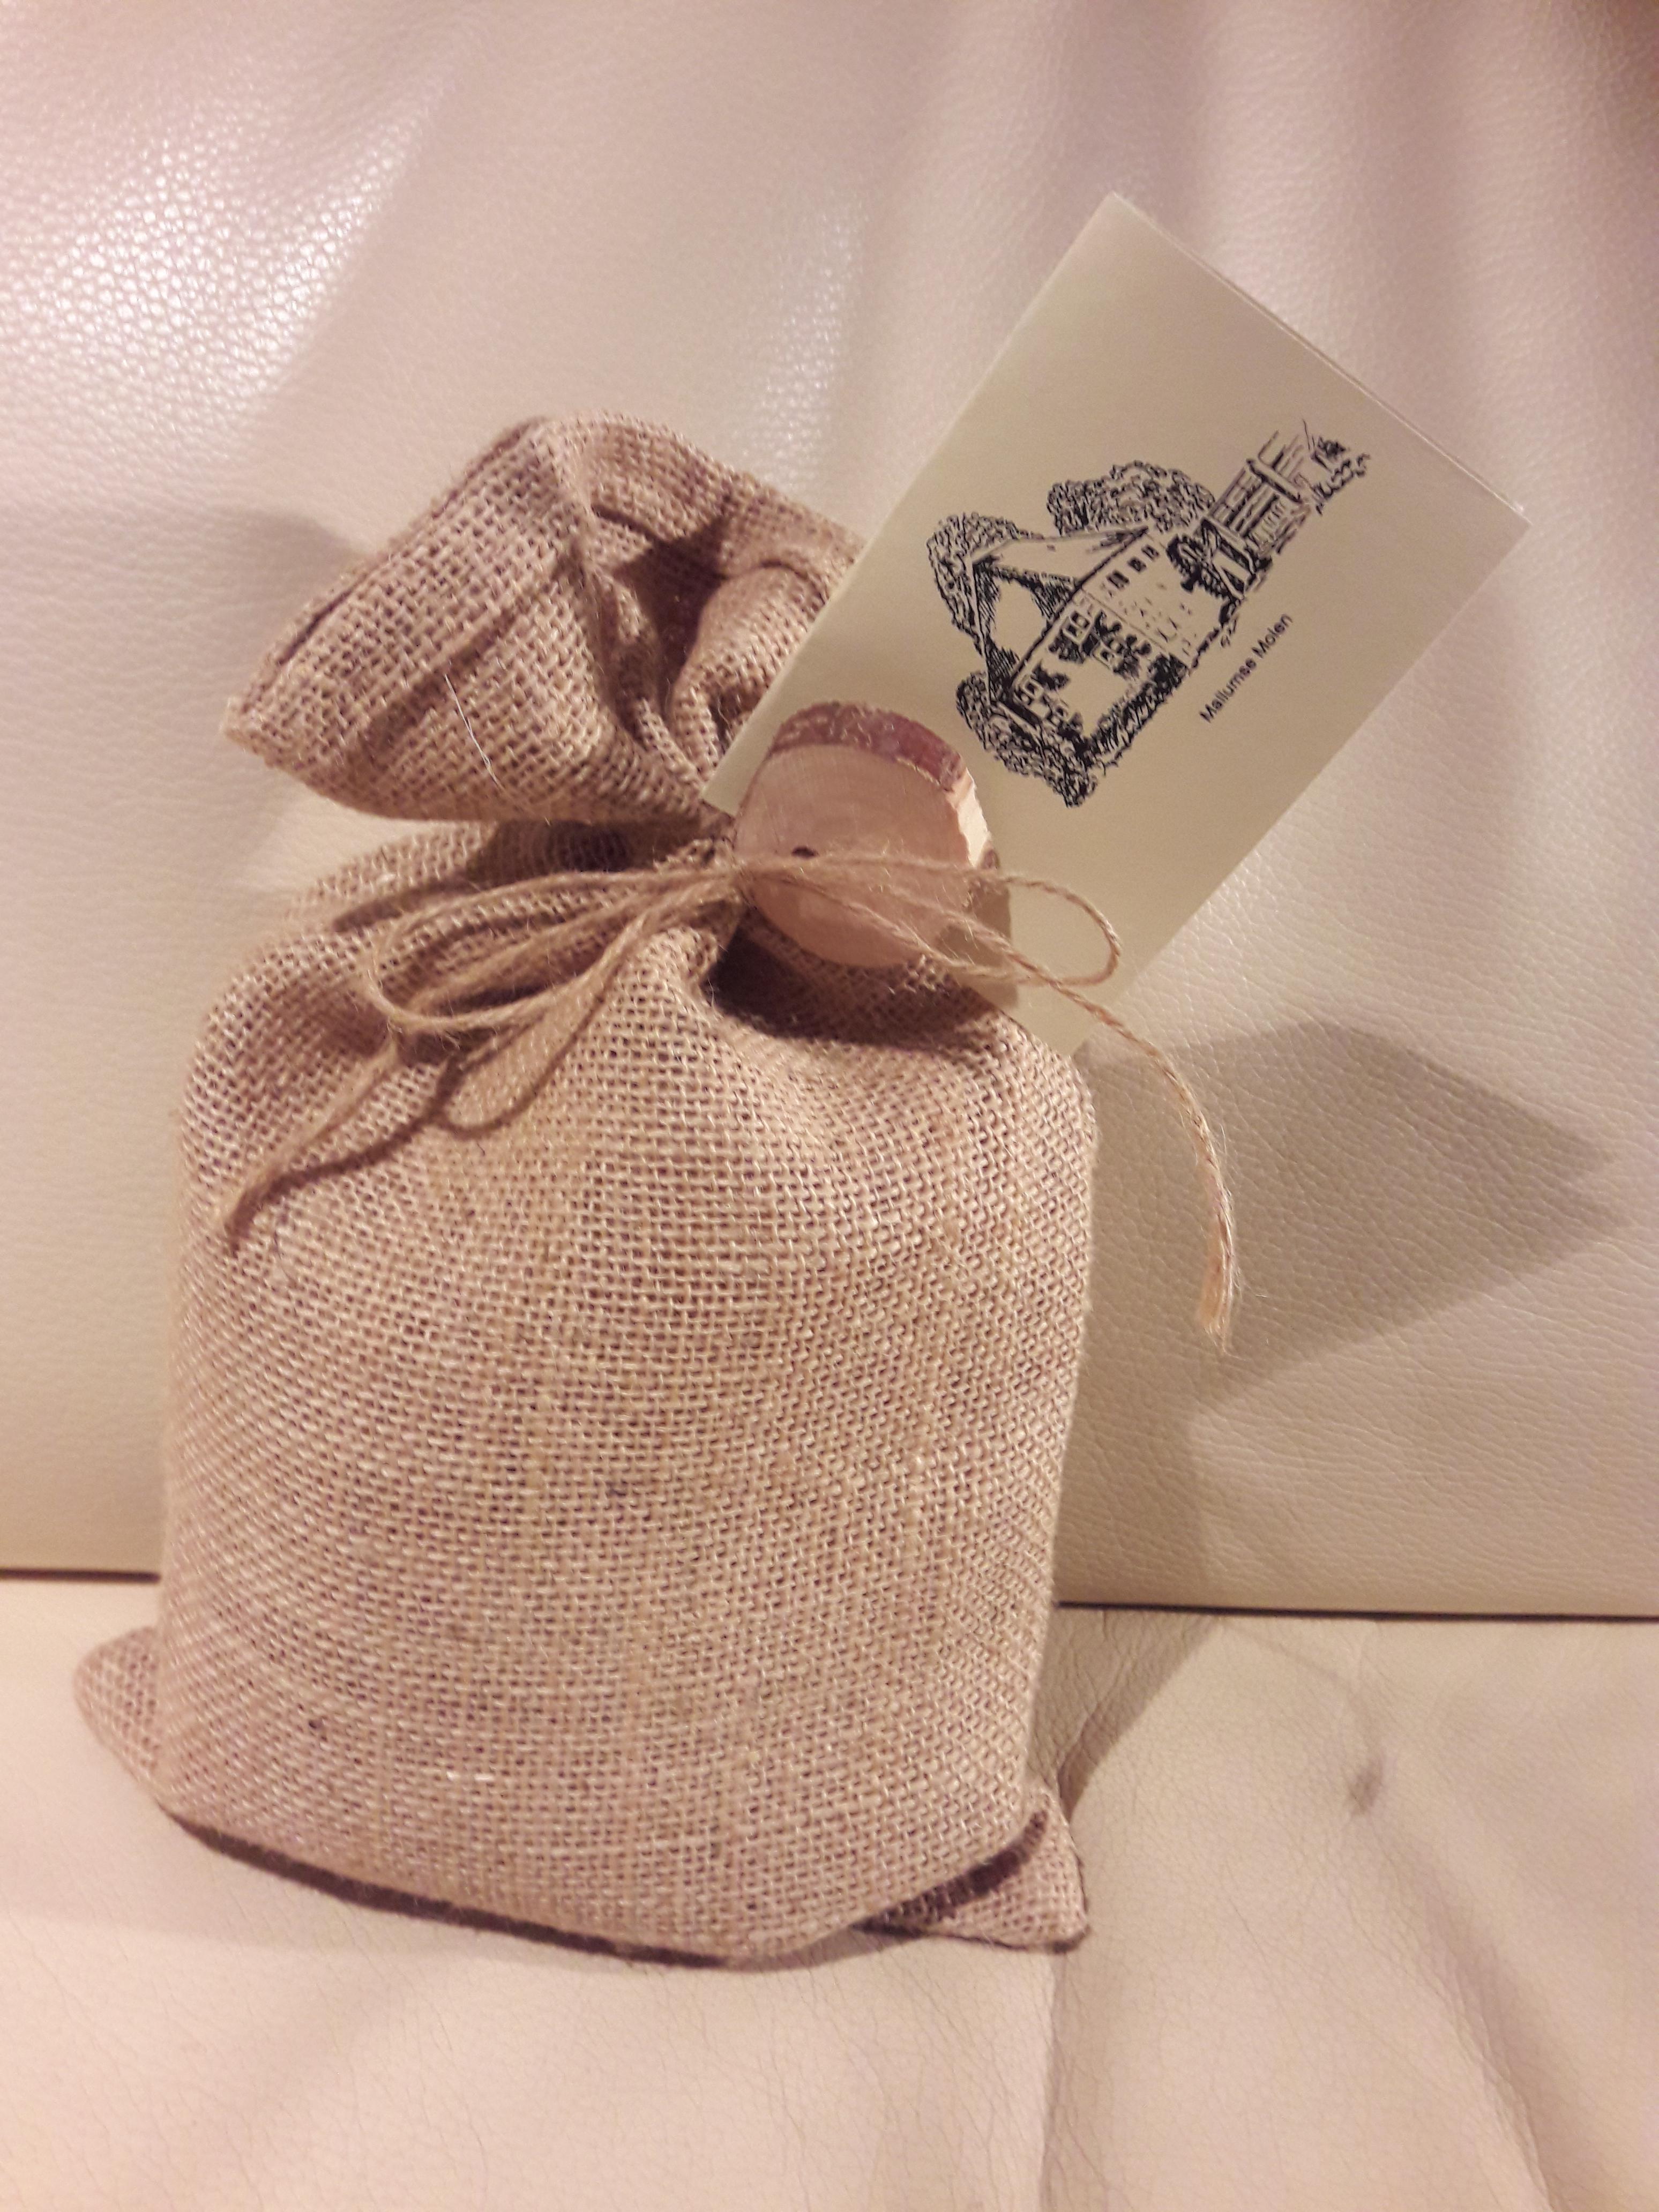 Jute zakken met sluitkoord 20 x 30 cm (per stuk) gebruik: Cadeauverpakking bij ons in de molen voor pannenkoekmeel.